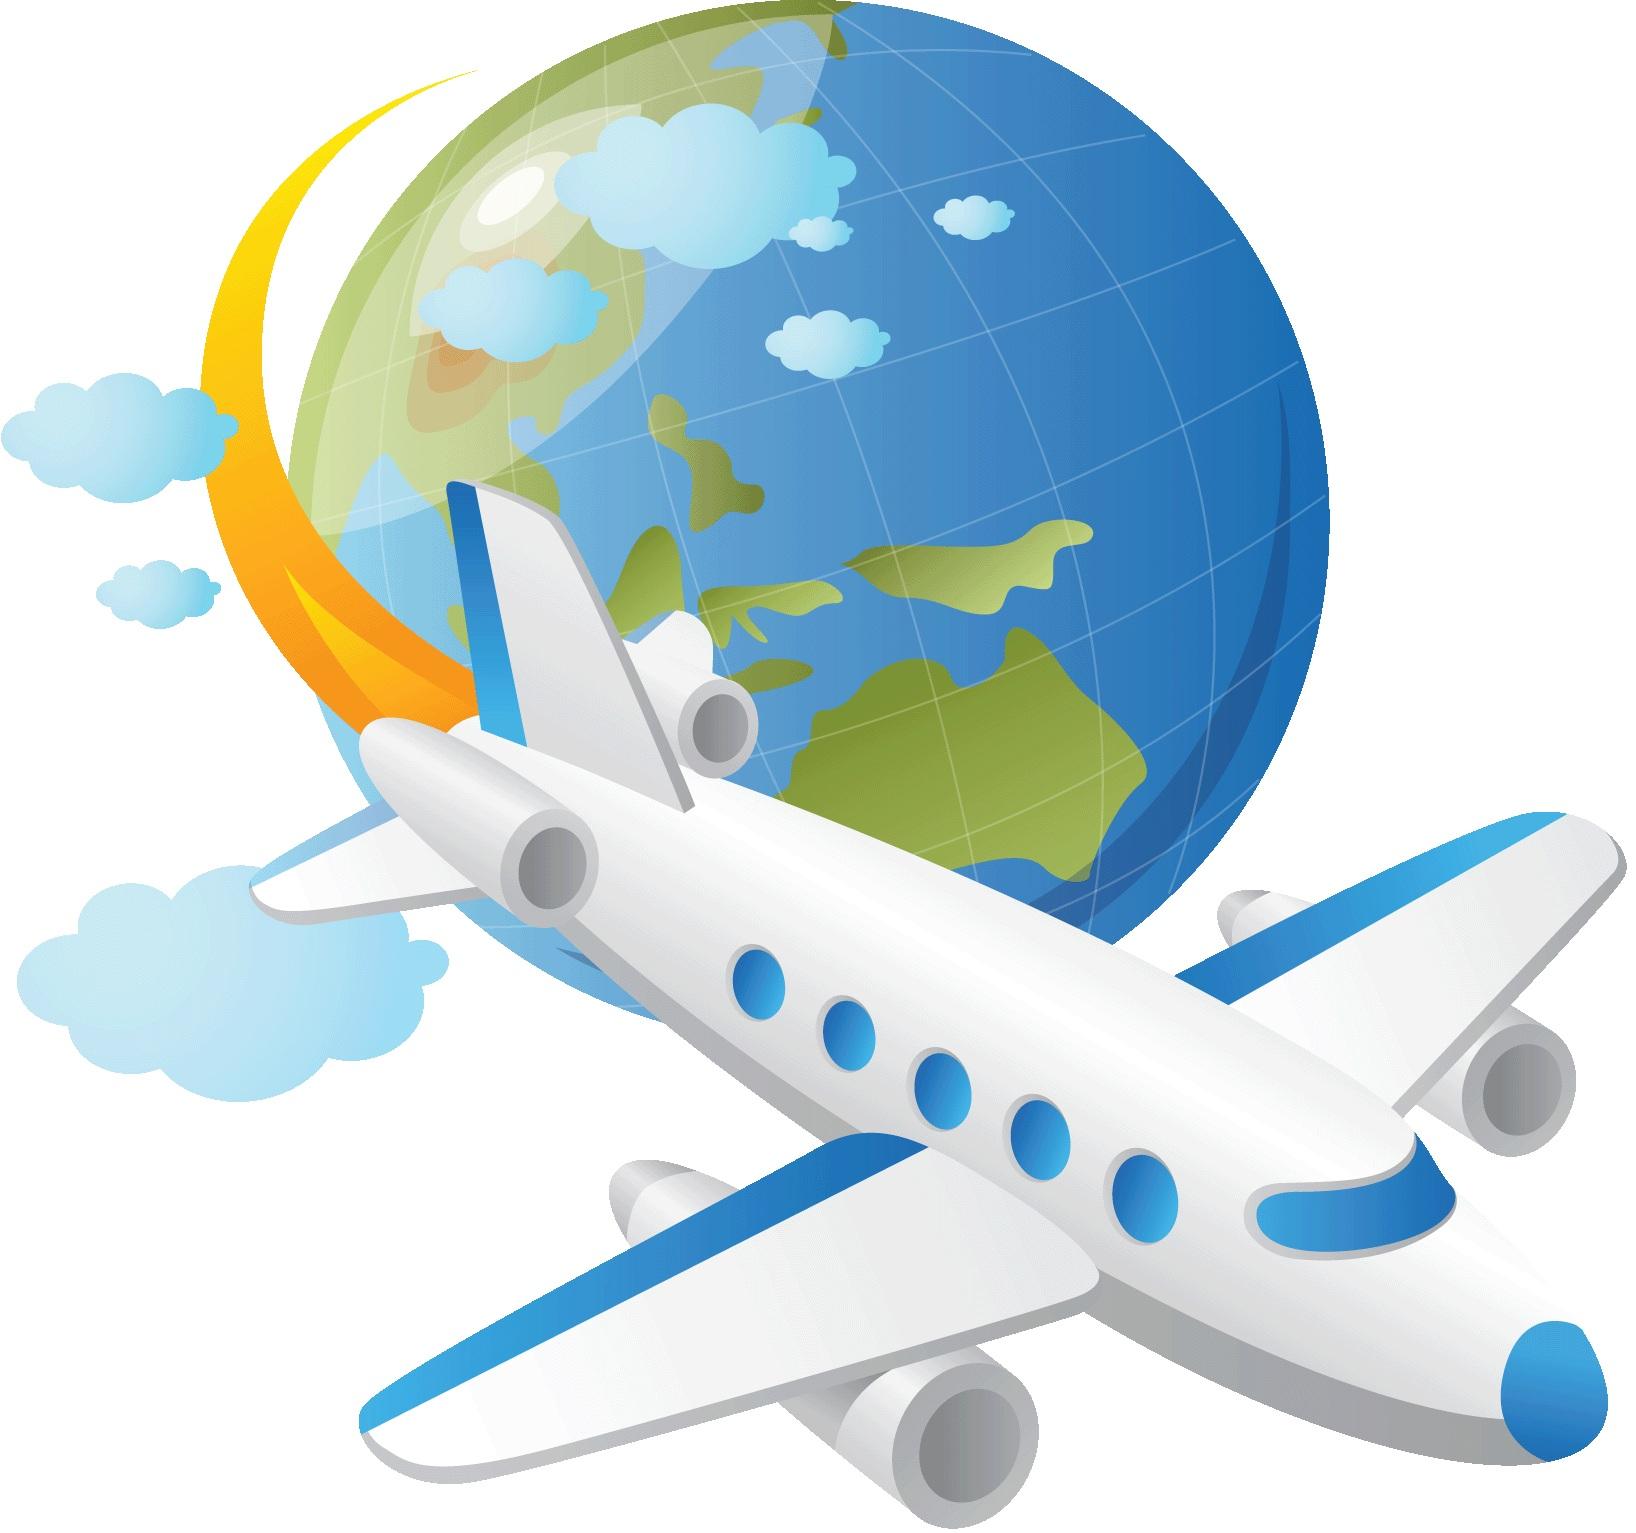 фирмы изготавливают дешевые авиабилеты по россии победа словами, чем